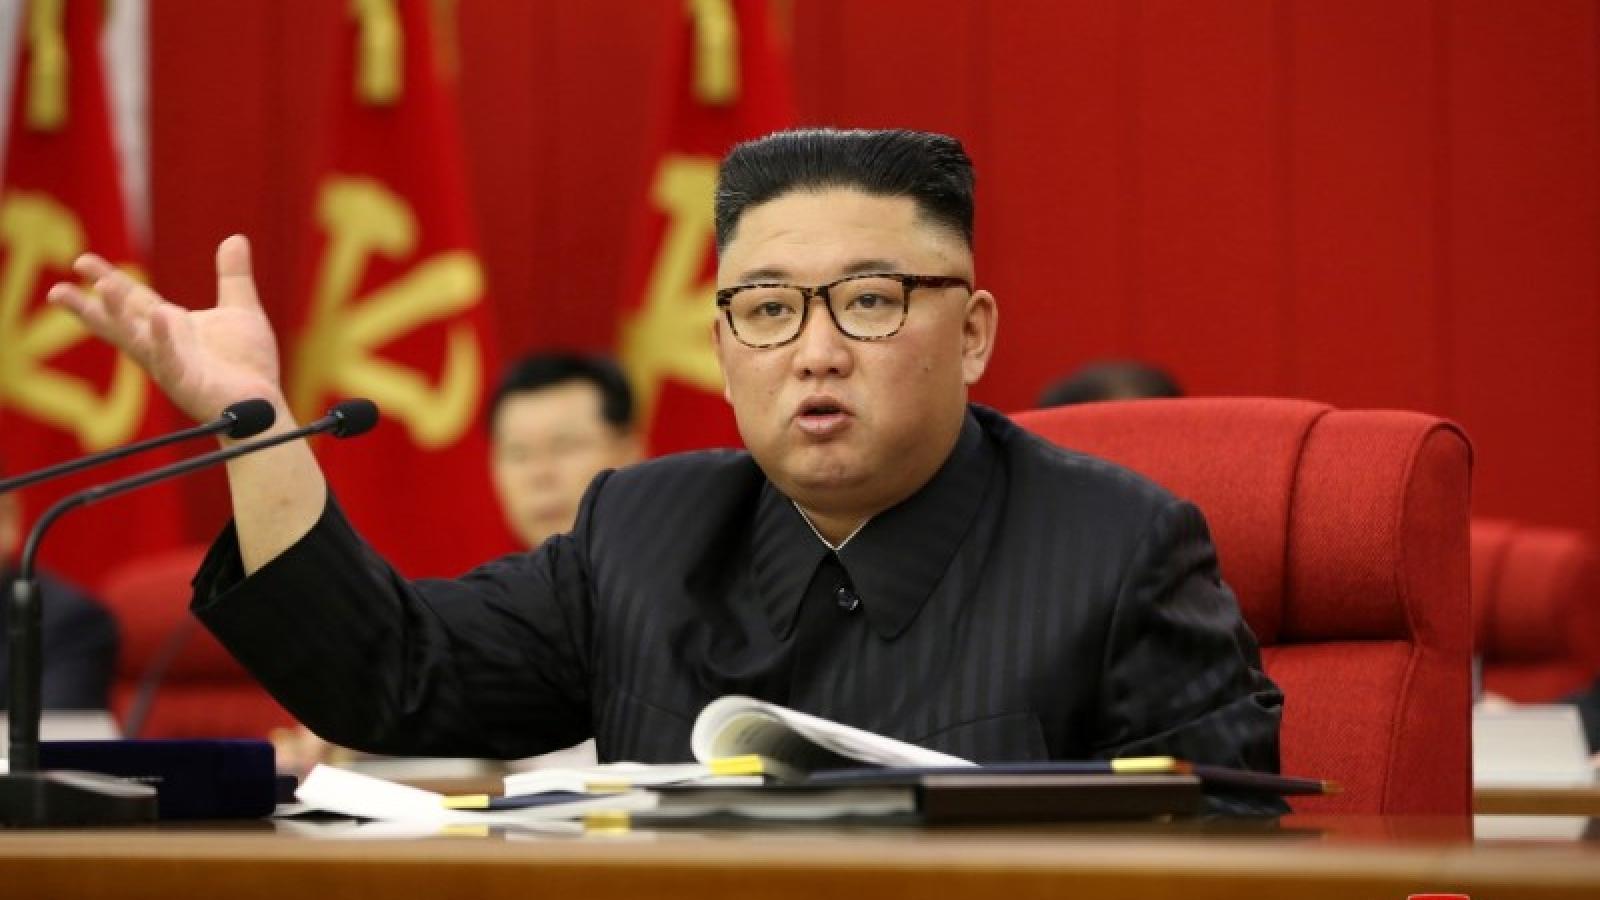 Triều Tiên vẫn cần phải nhập khẩu hoặc nhận viện trợ lương thực